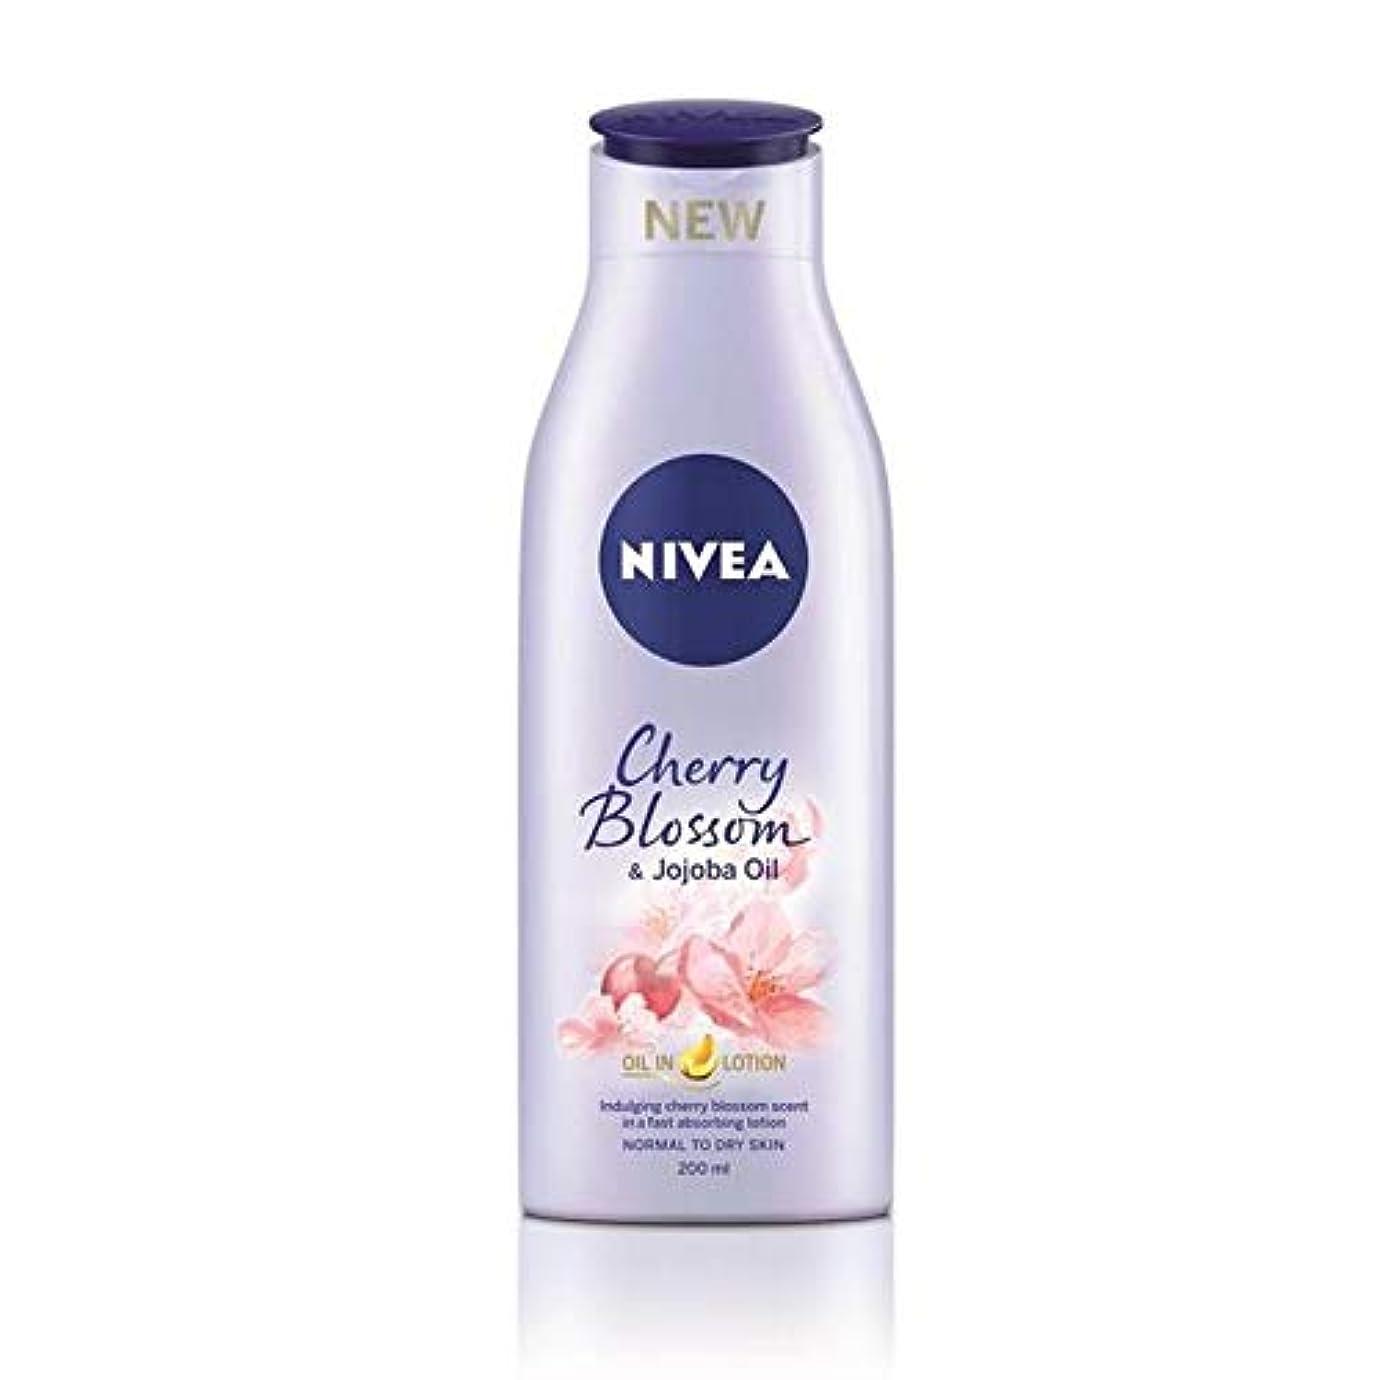 篭粒抜け目のない[Nivea ] ニベア桜&ホホバオイルボディローション200Ml - Nivea Cherry Blossom & Jojoba Oil Body Lotion 200ml [並行輸入品]